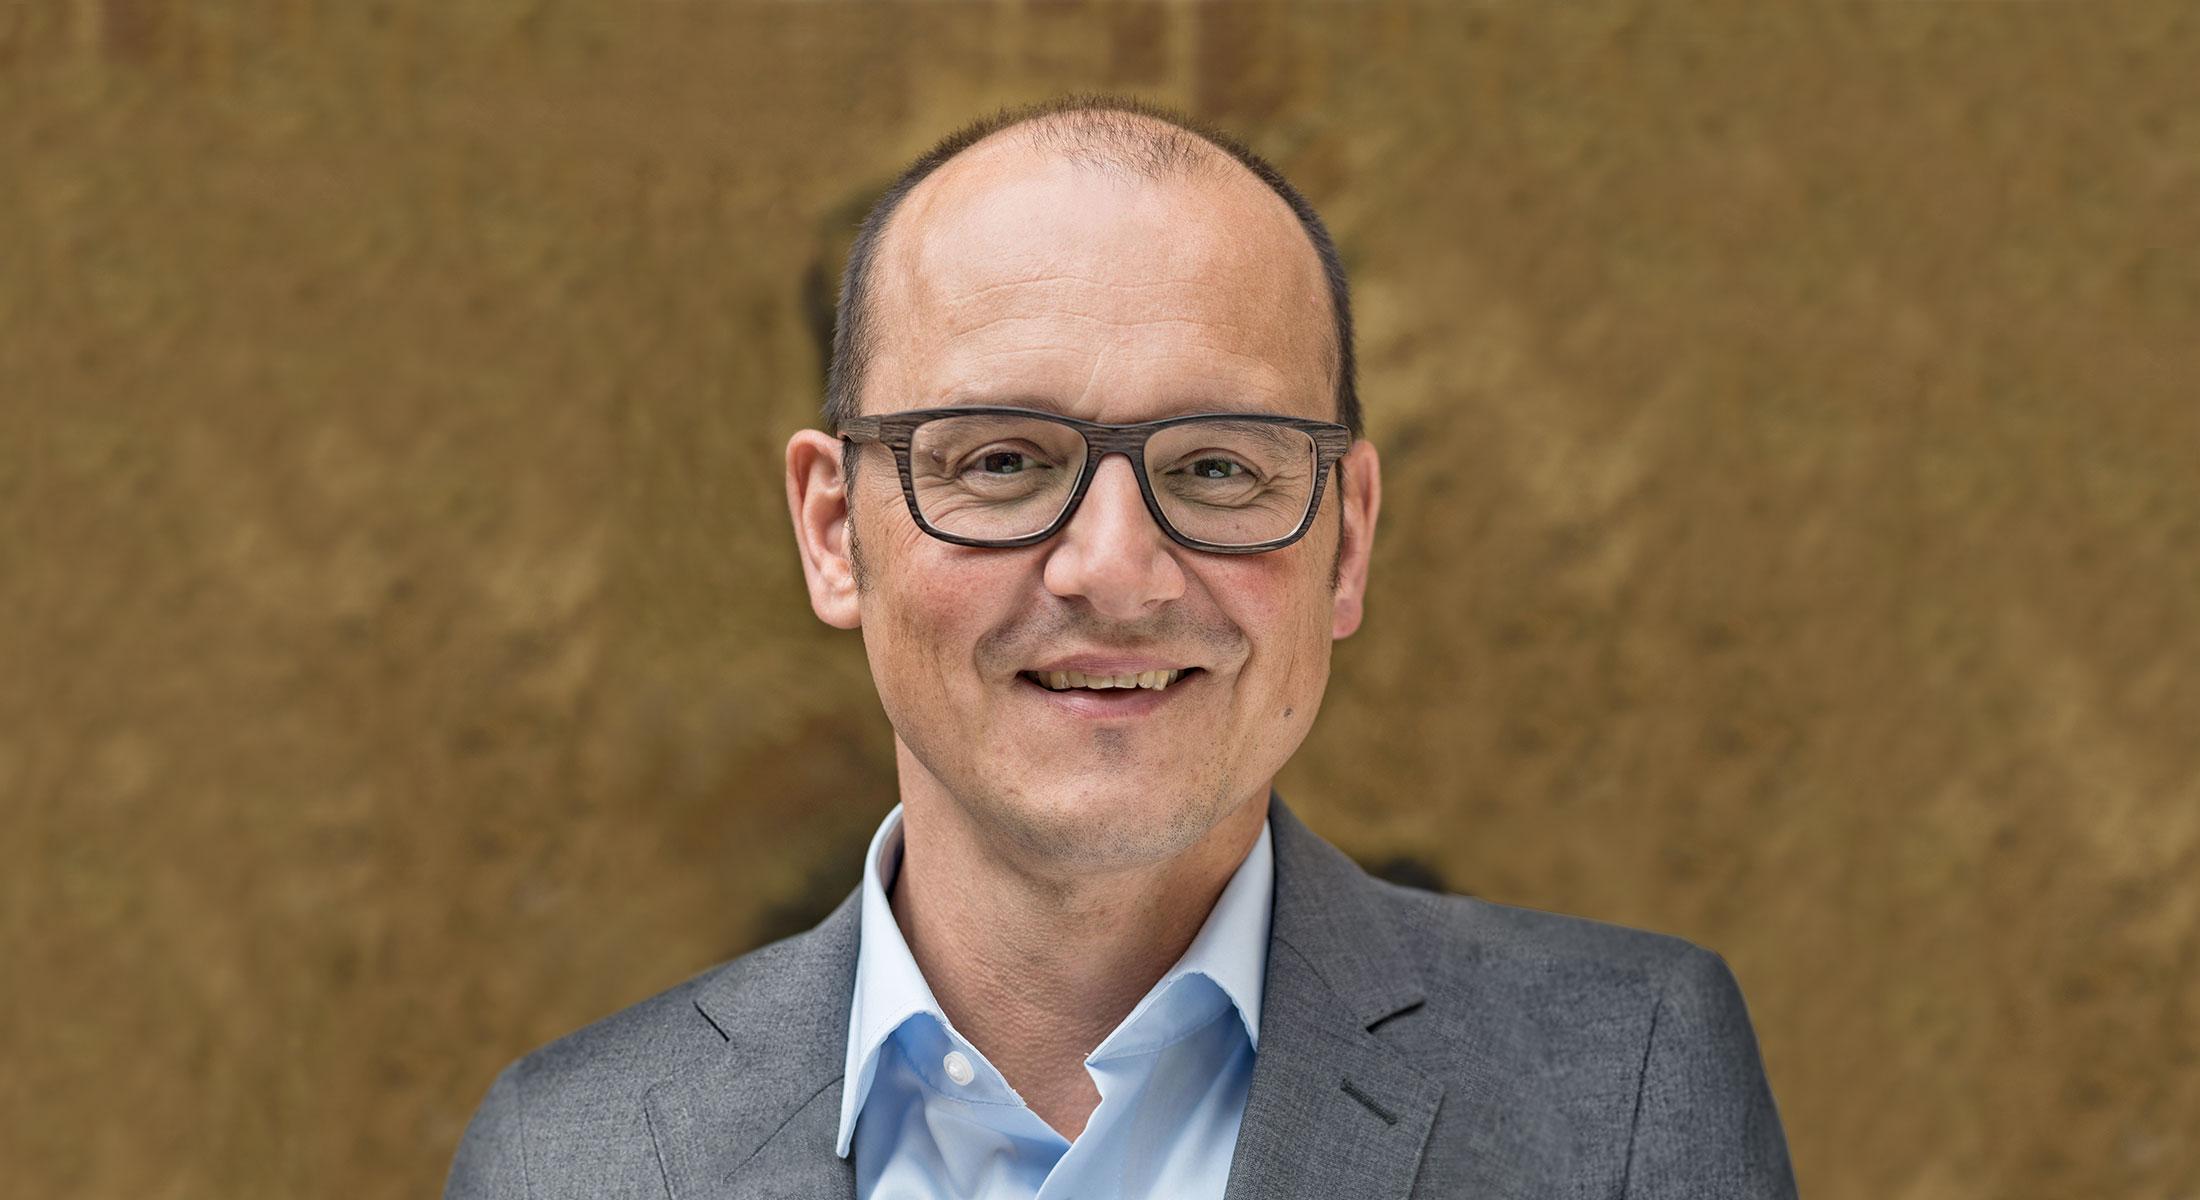 Marketing Club Region Stuttgart-Heilbronn Veranstaltung: Andreas Kuechle im Gespräch mit jungen Marketing-Fuchsen